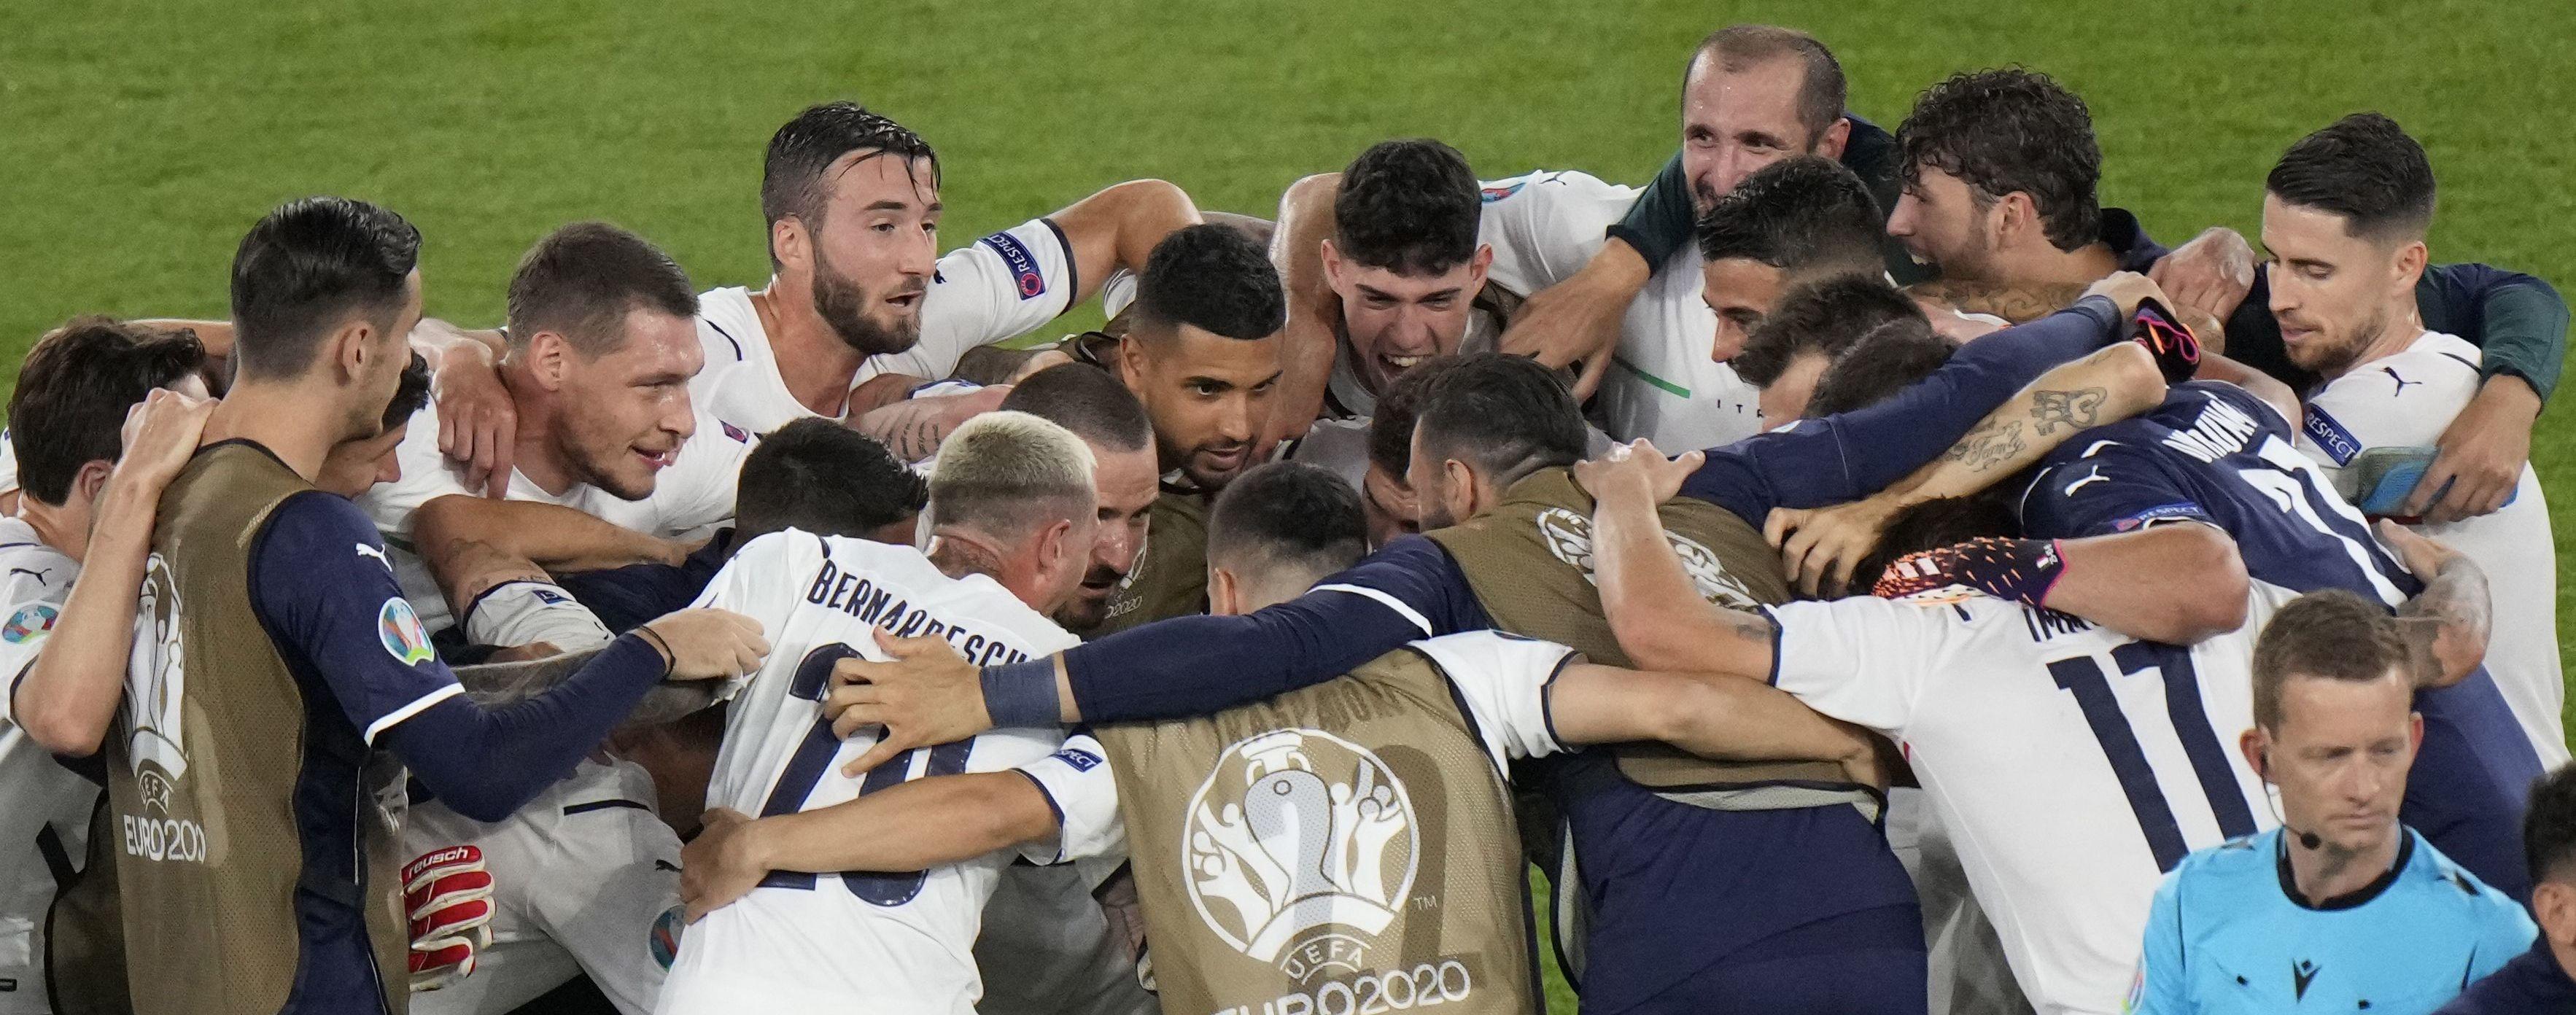 Могут определиться первые участники плей-офф Евро-2020: где смотреть и ставки букмекеров на матчи 16 июня